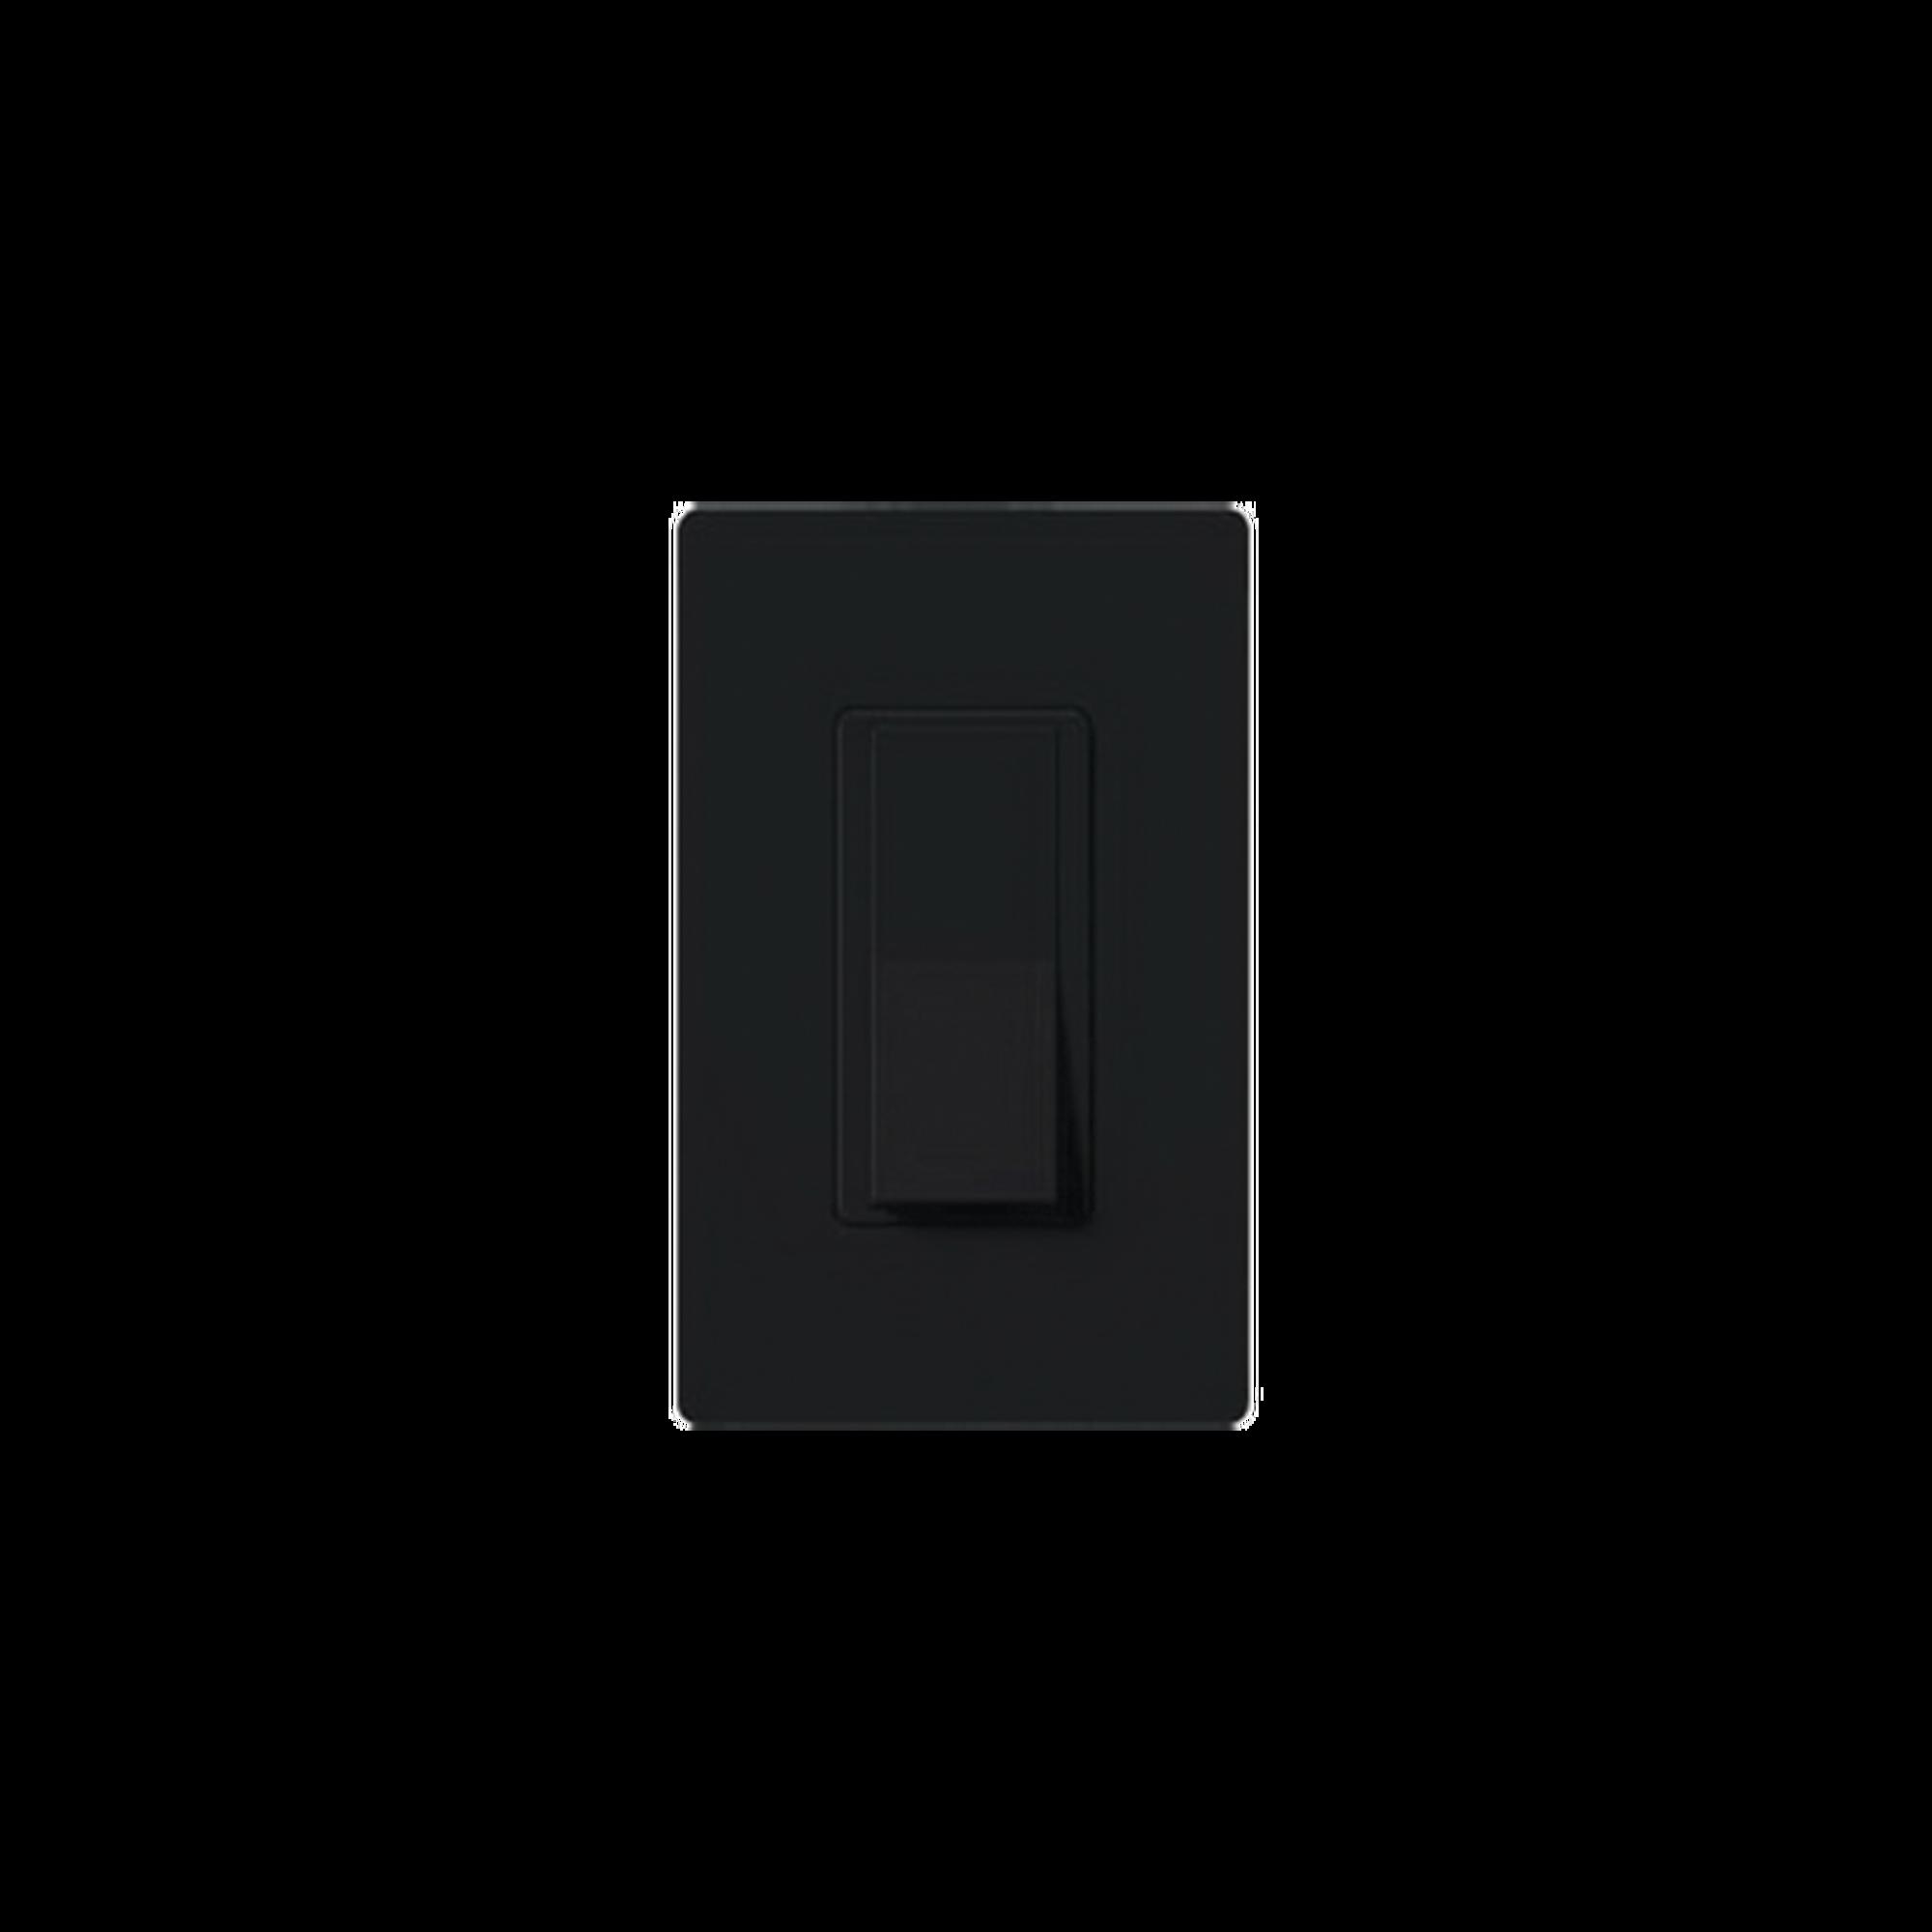 Switch un solo polo 15 Amp negro nigth